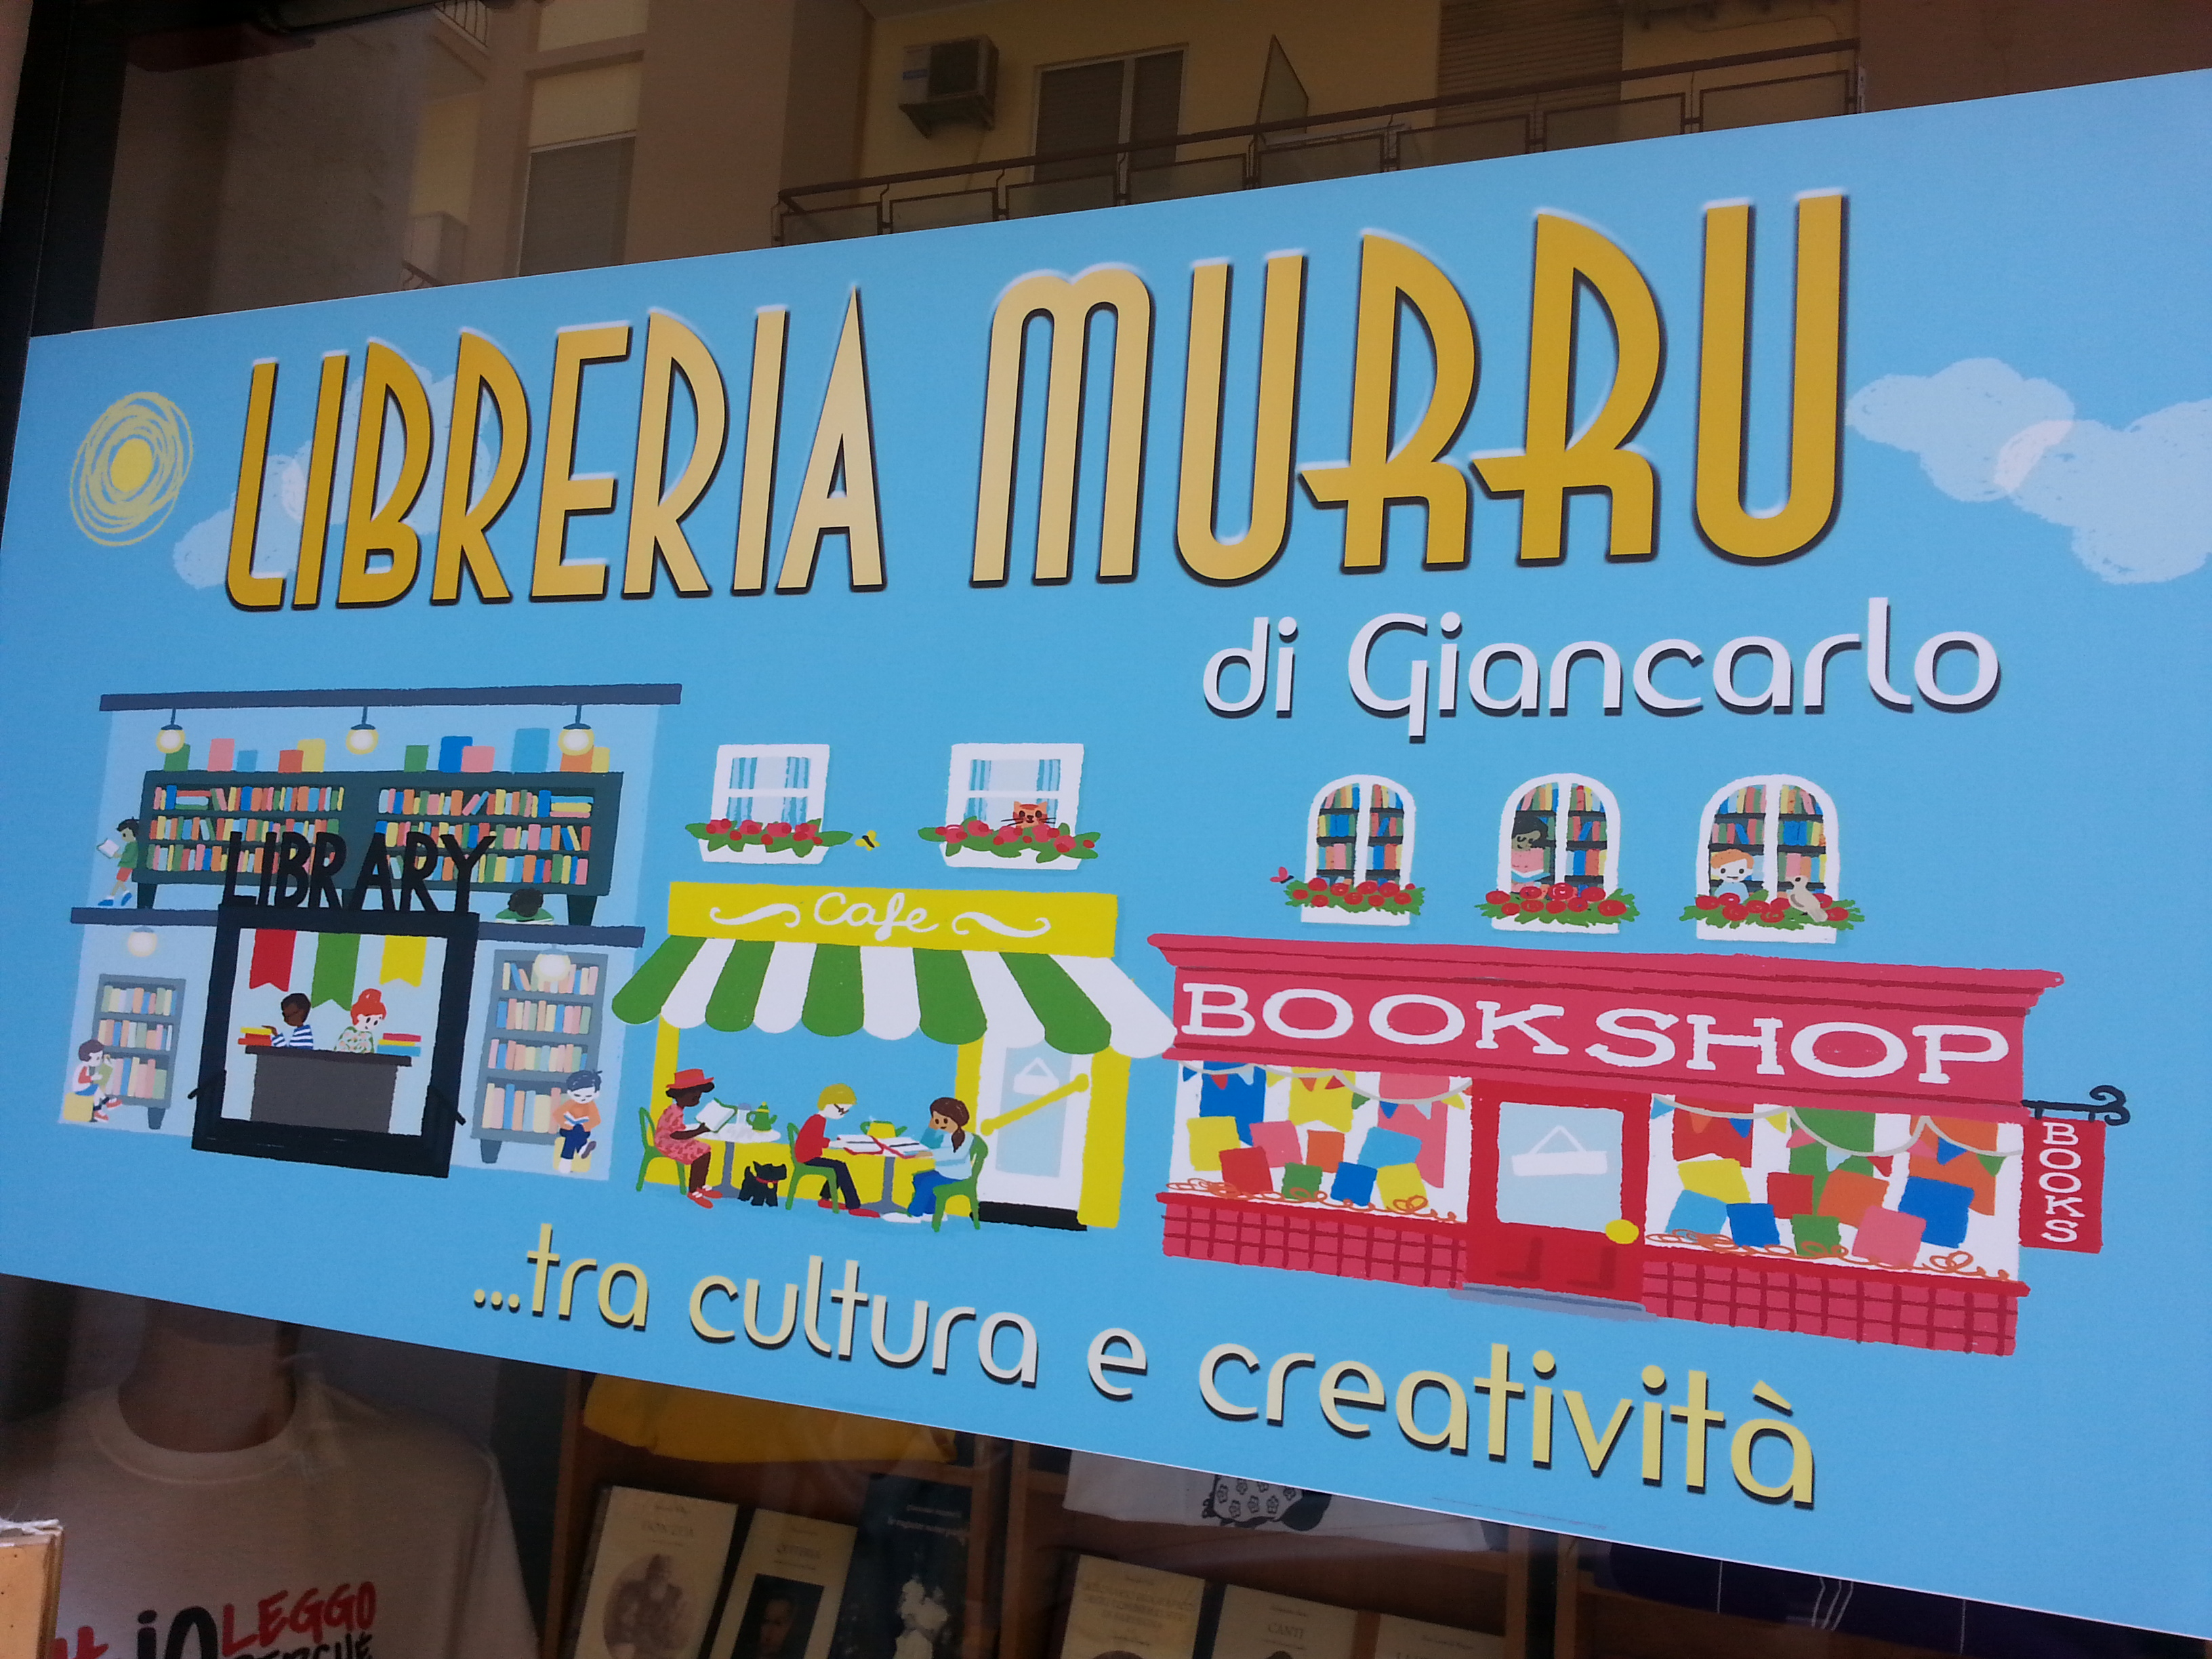 Libreria Murru. Restyling per una nuova avventura